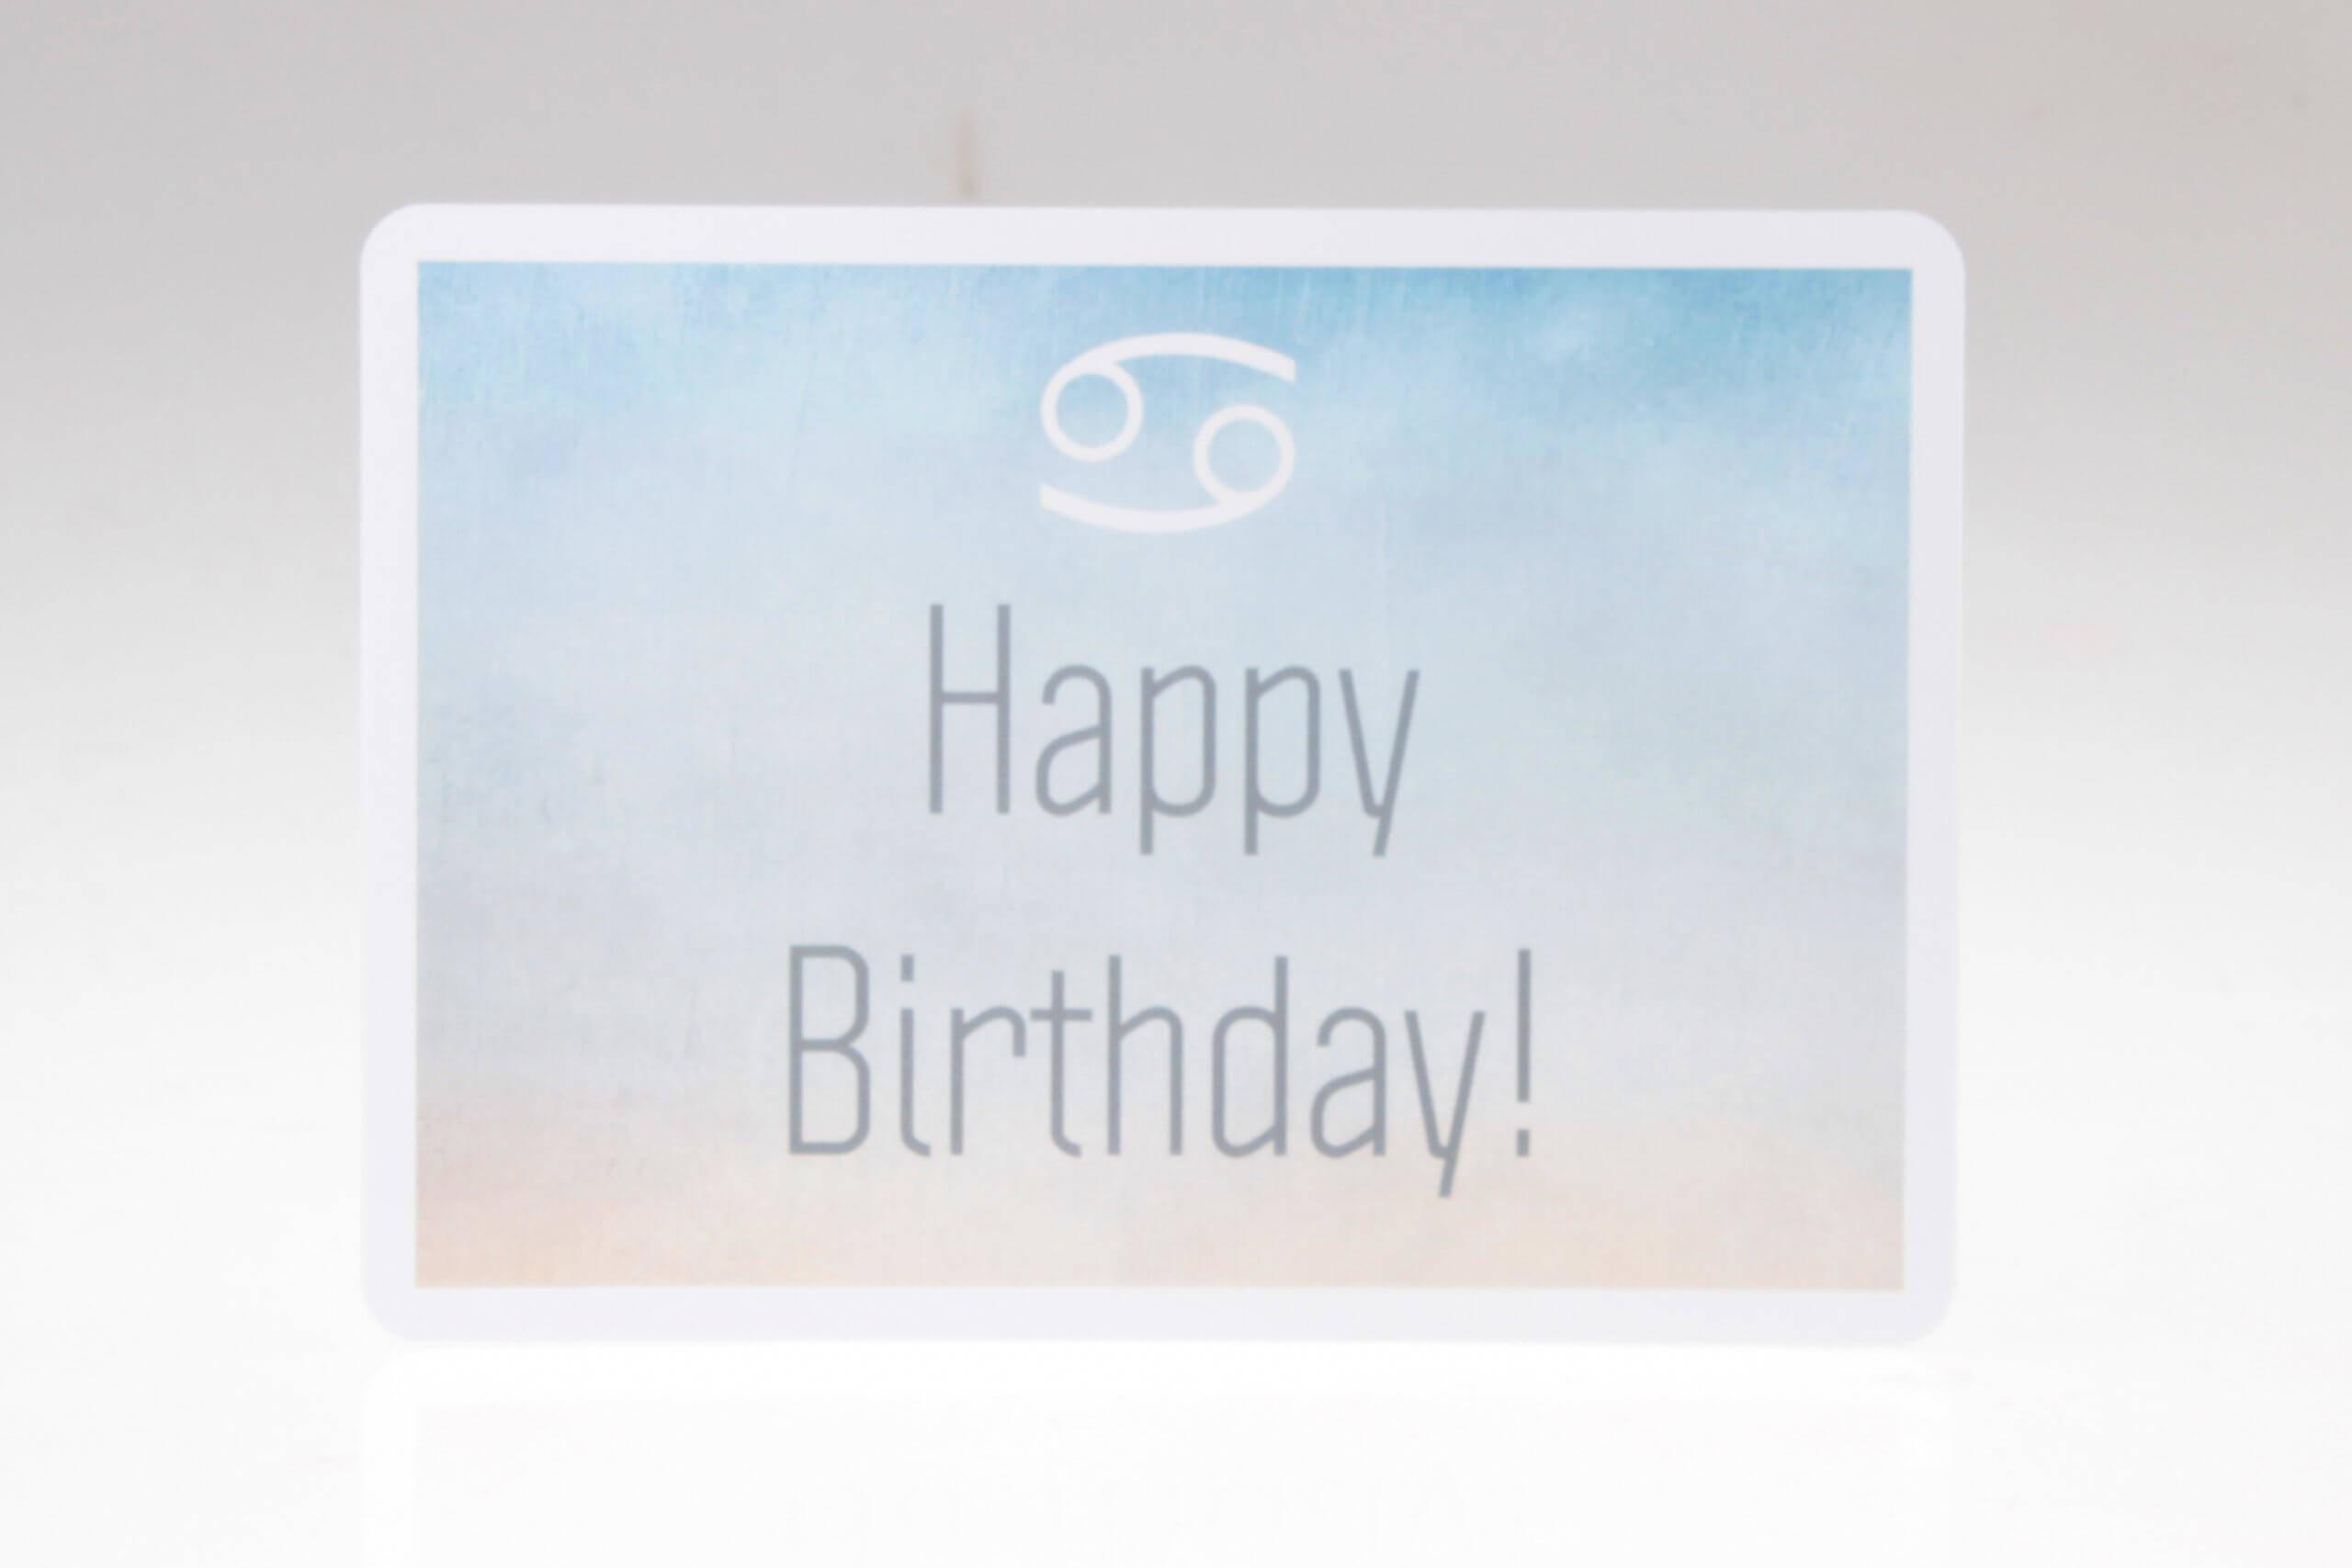 Happy Birthday Grusskarte von feinjemacht